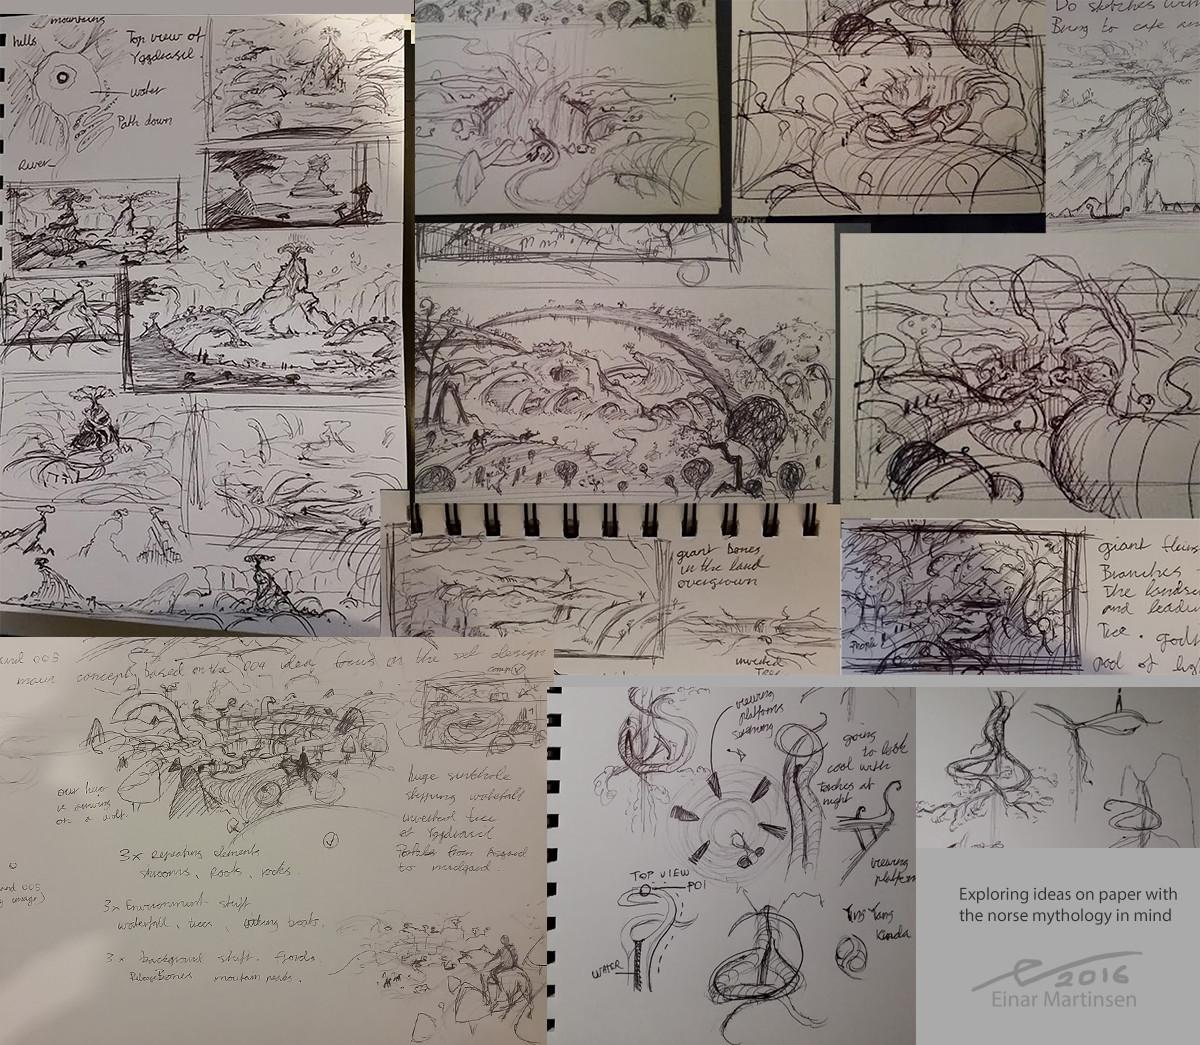 Einar martinsen dc class 2016 planning sketches 02